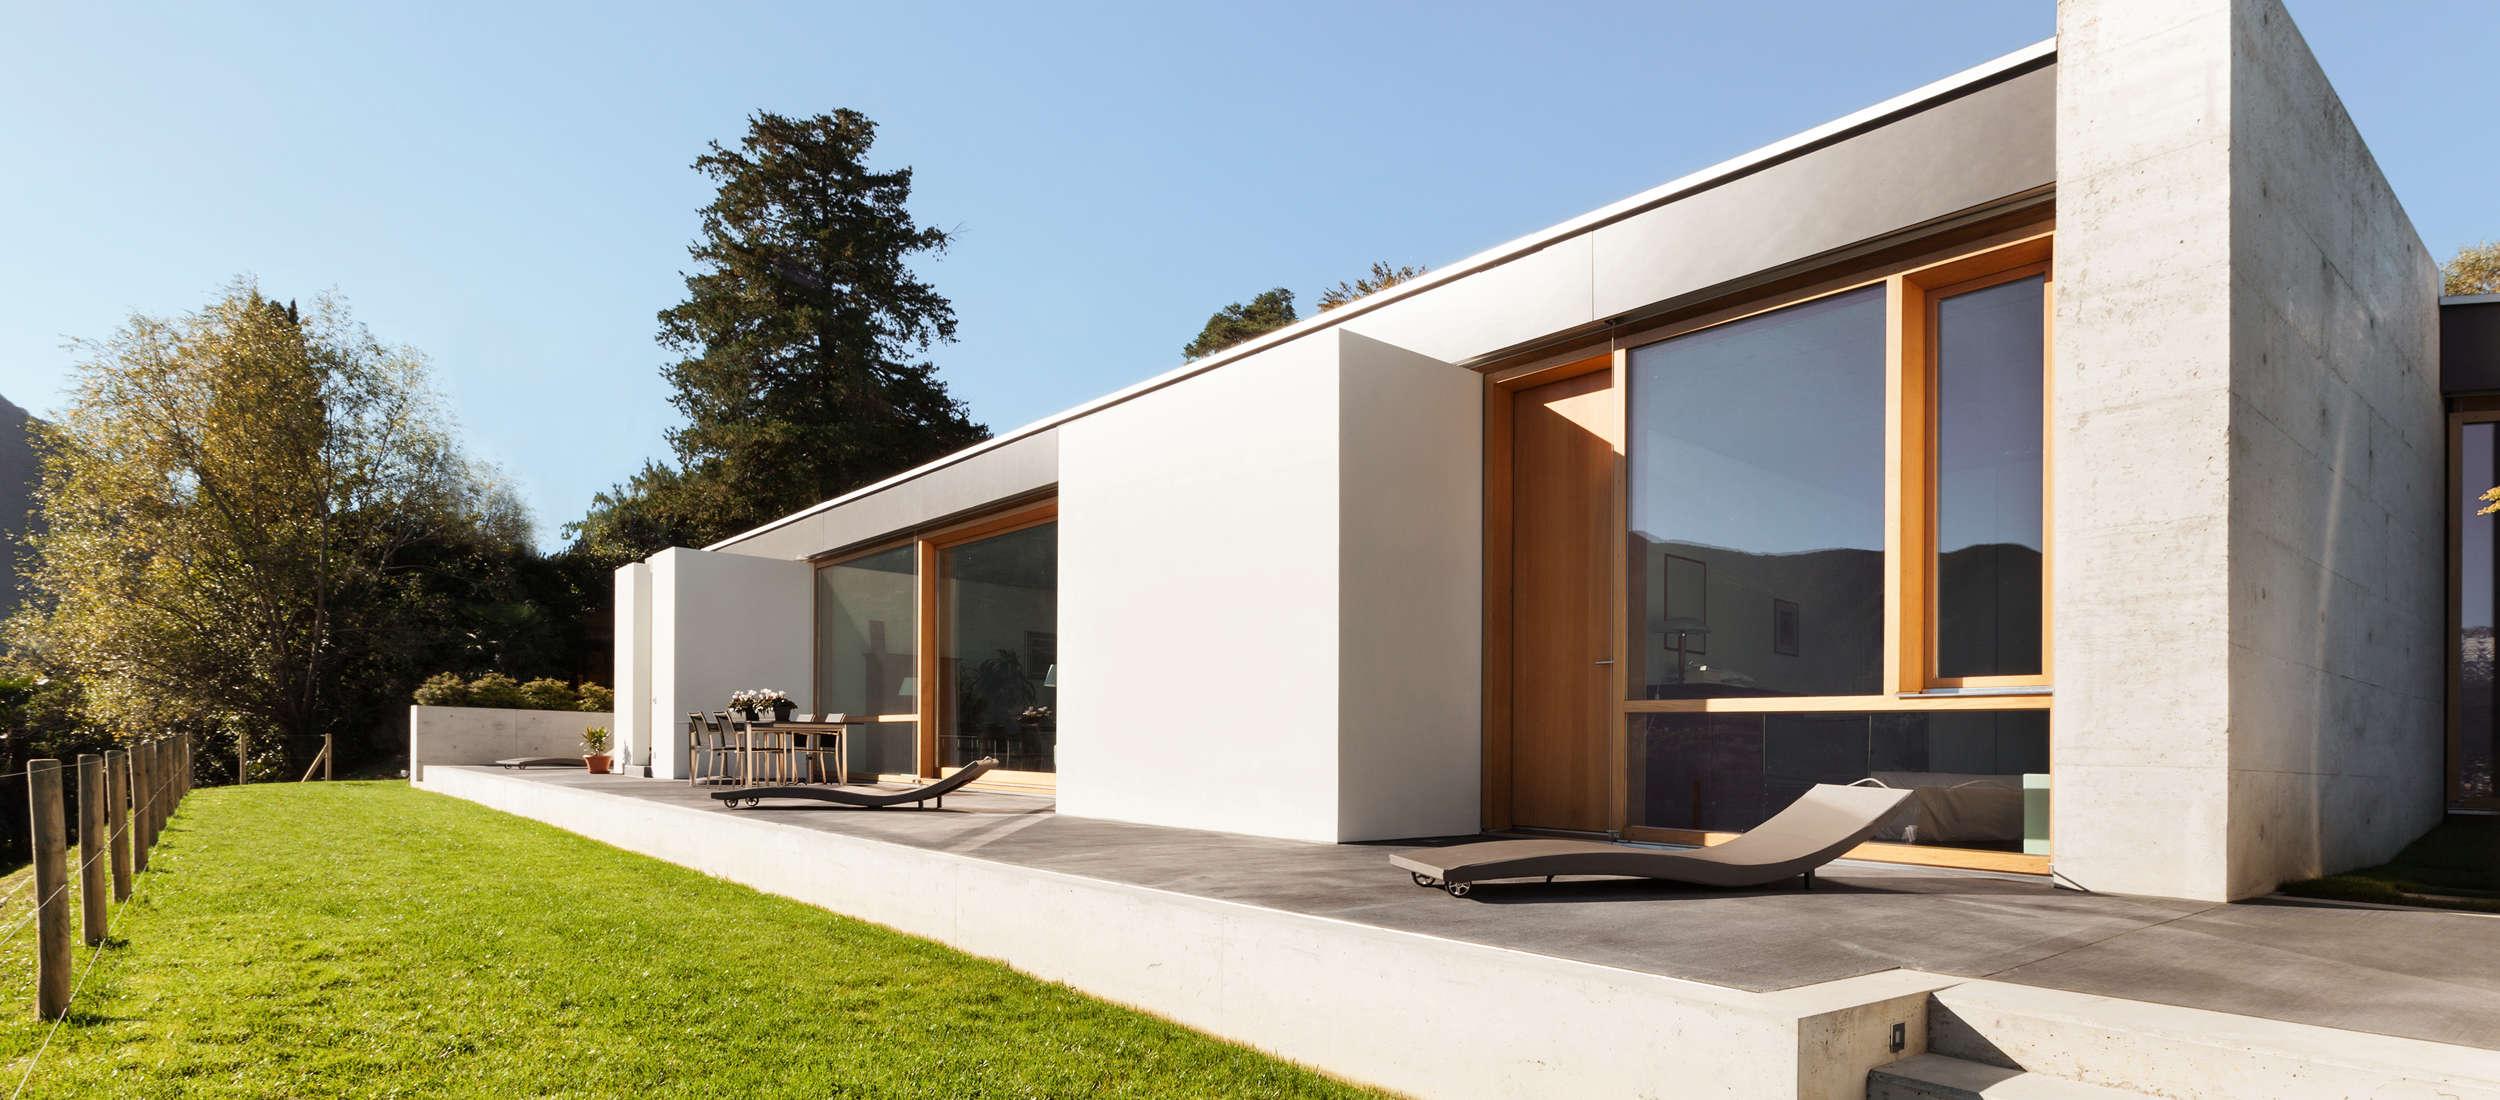 tschenett aktuelle immobilien angebote in s dtirol und italien. Black Bedroom Furniture Sets. Home Design Ideas